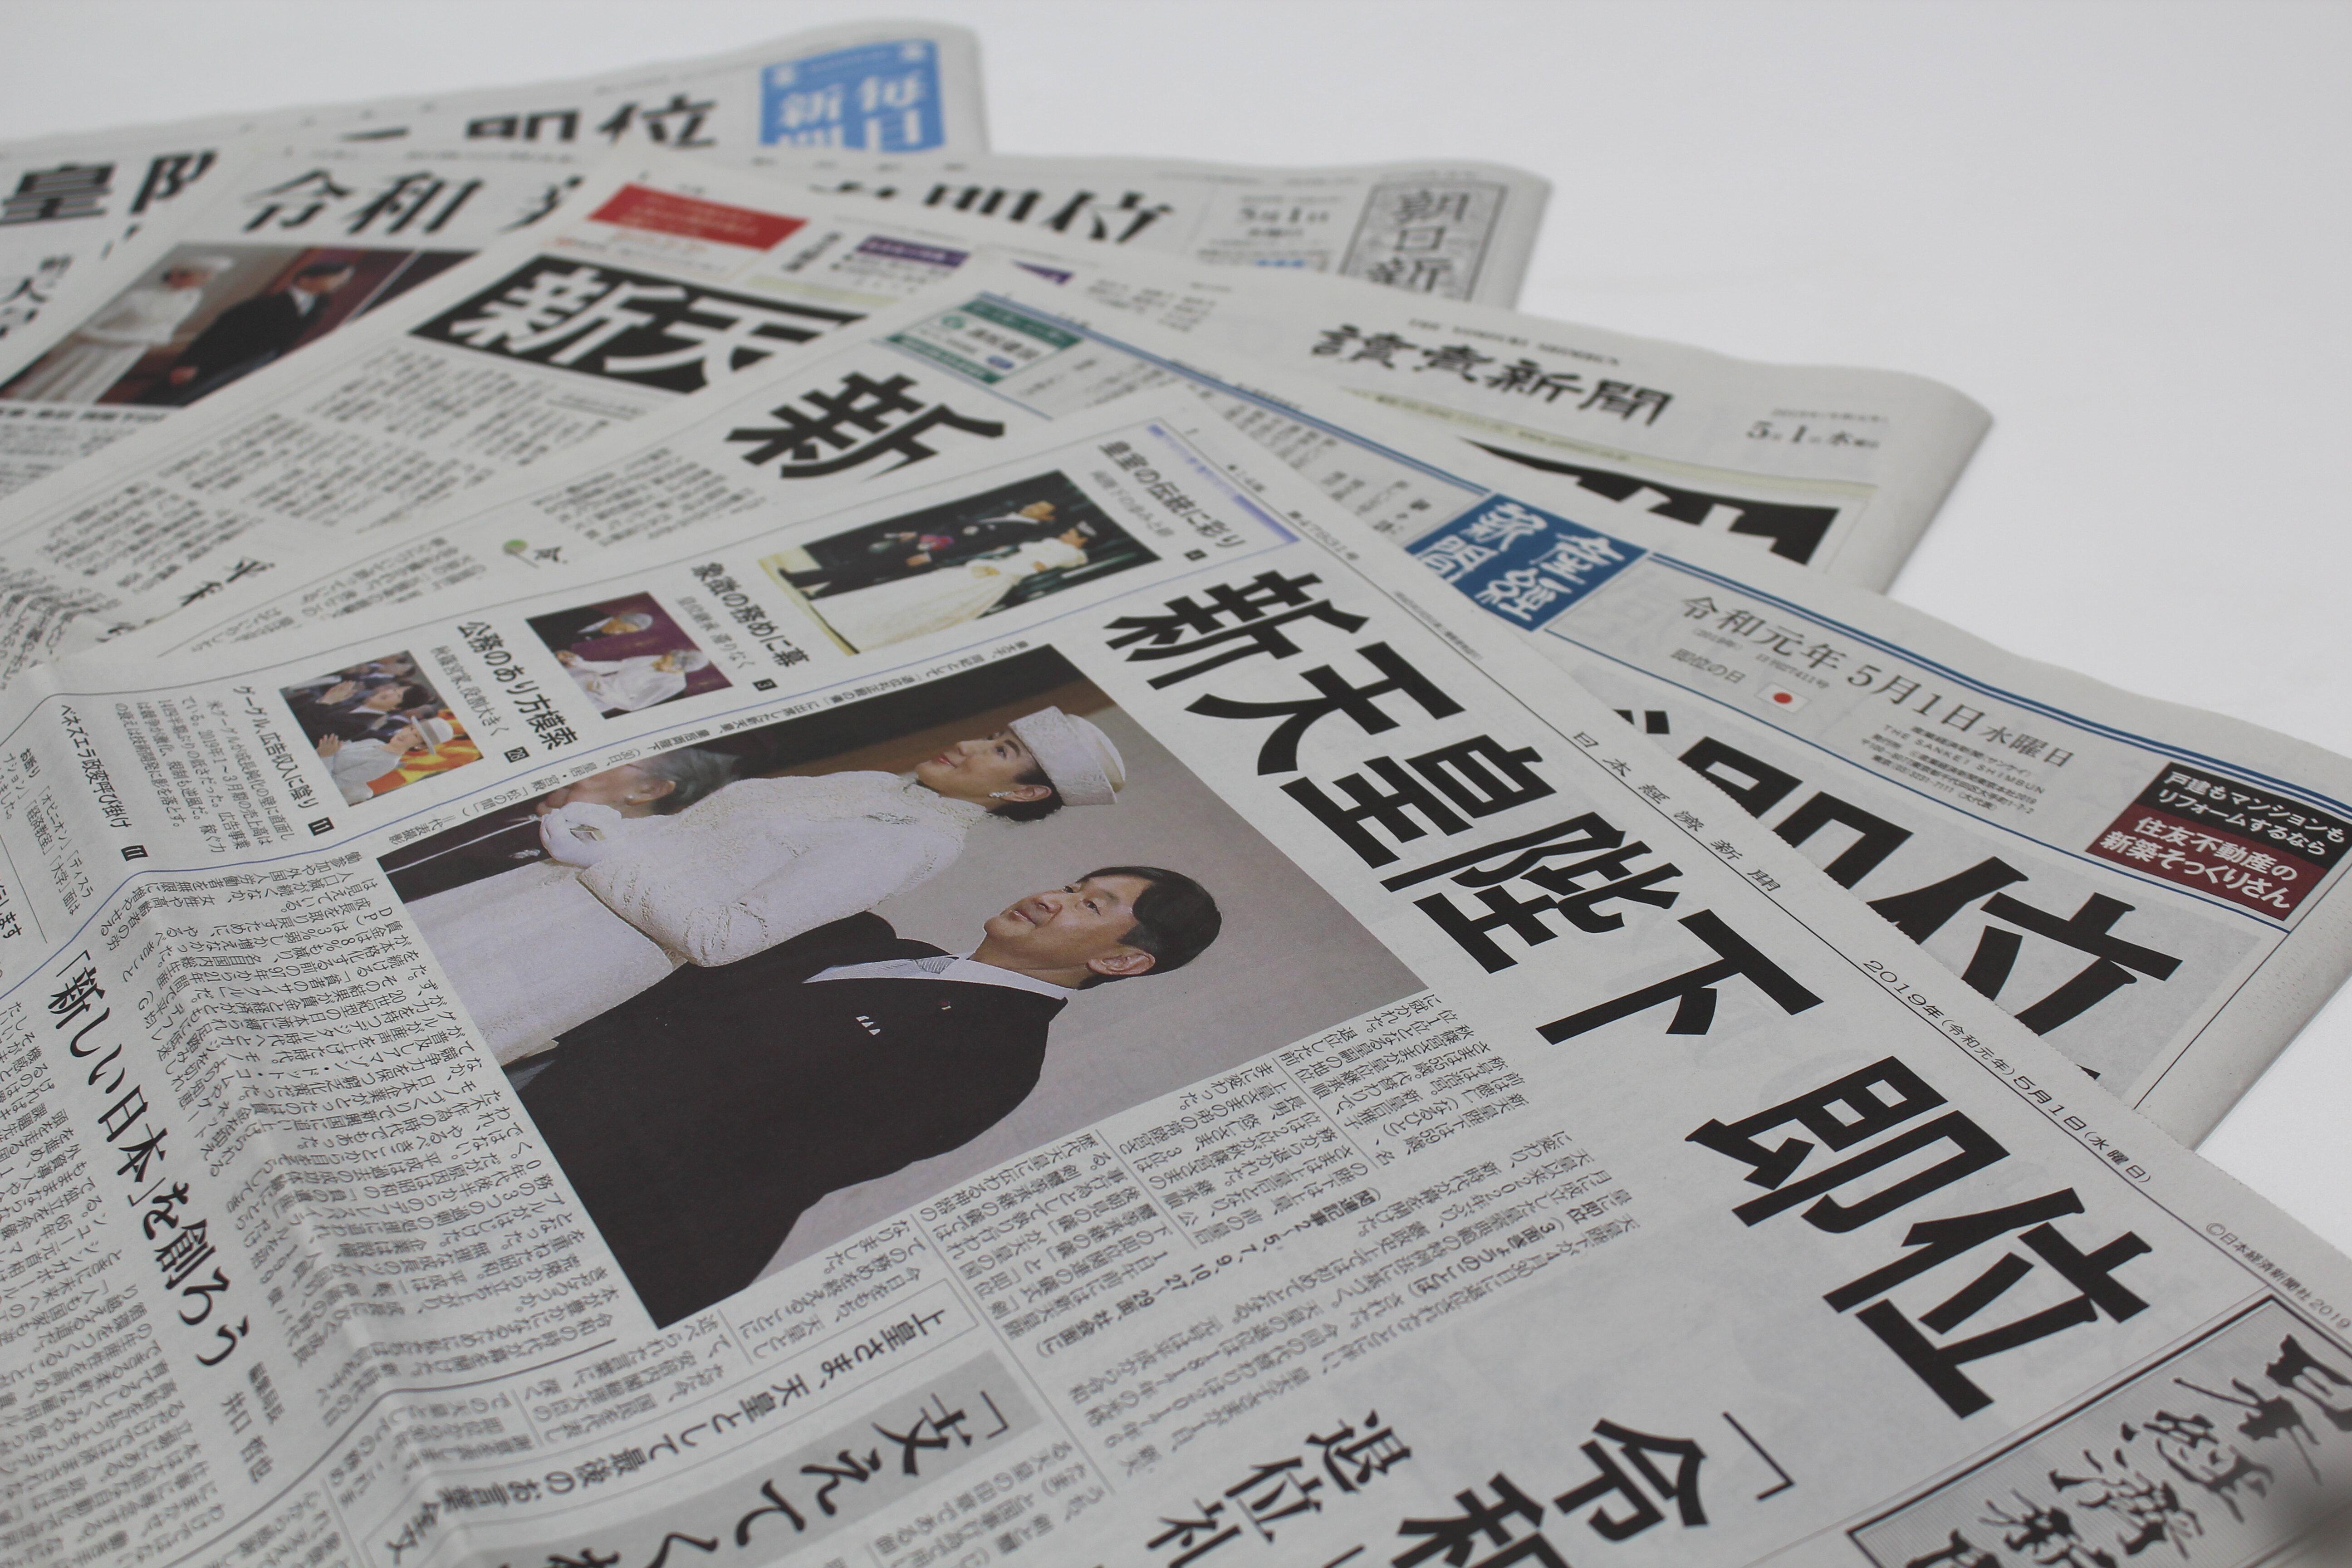 令和元年の初日、新天皇陛下の即位...主要5紙はどう報じた? 比較すると、各紙の個性が際立っていた